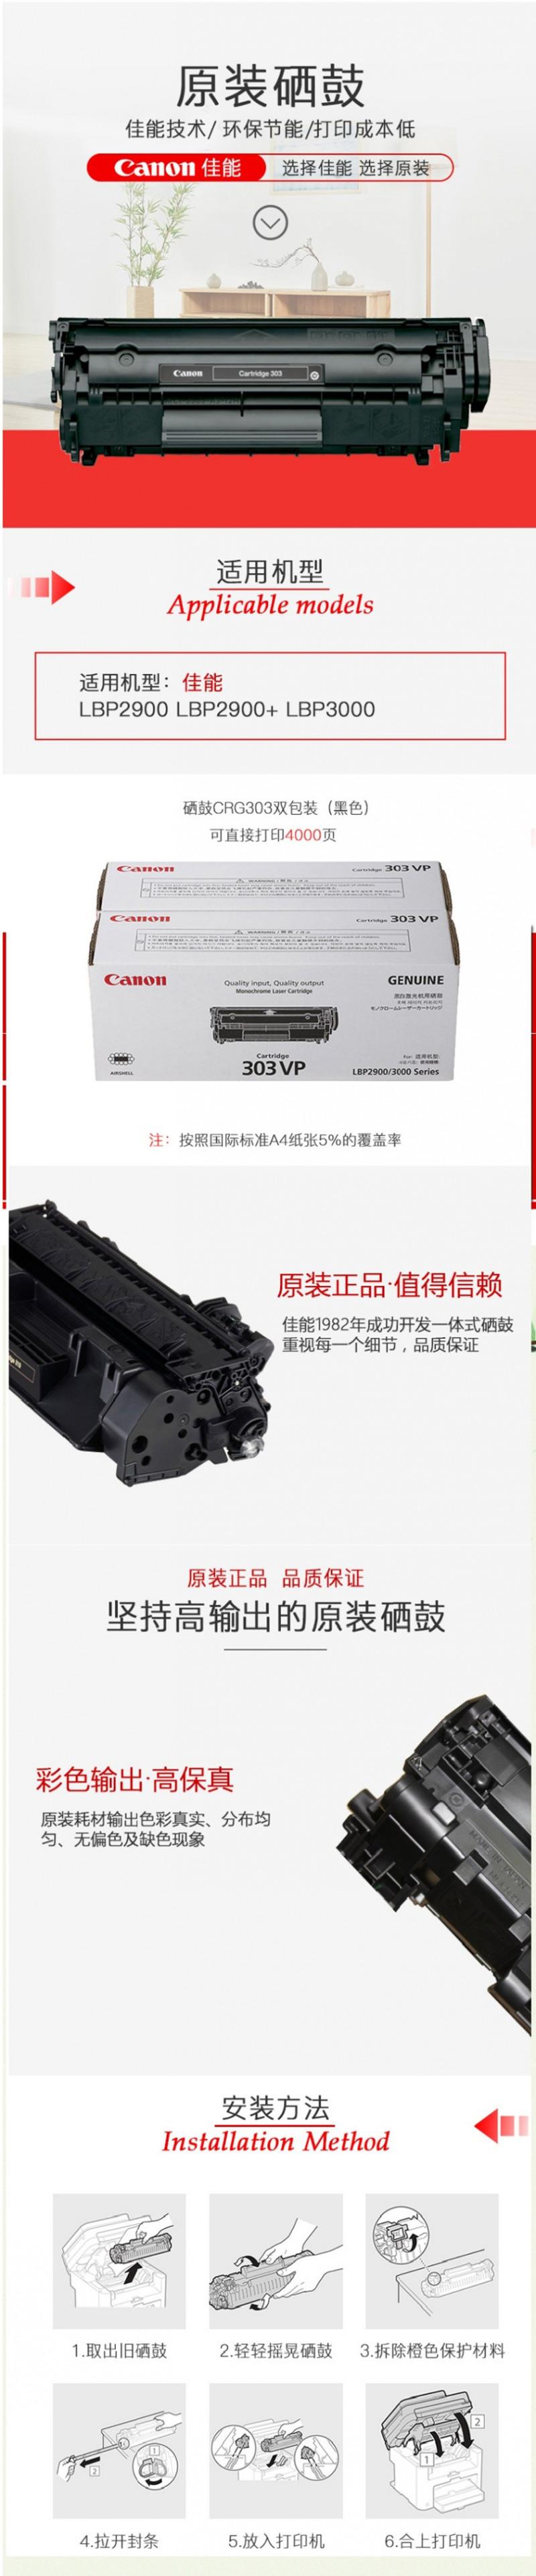 佳能 CRG303VP 双包装黑色硒鼓(适用LBP-2900 LBP-2900+ LBP3000)